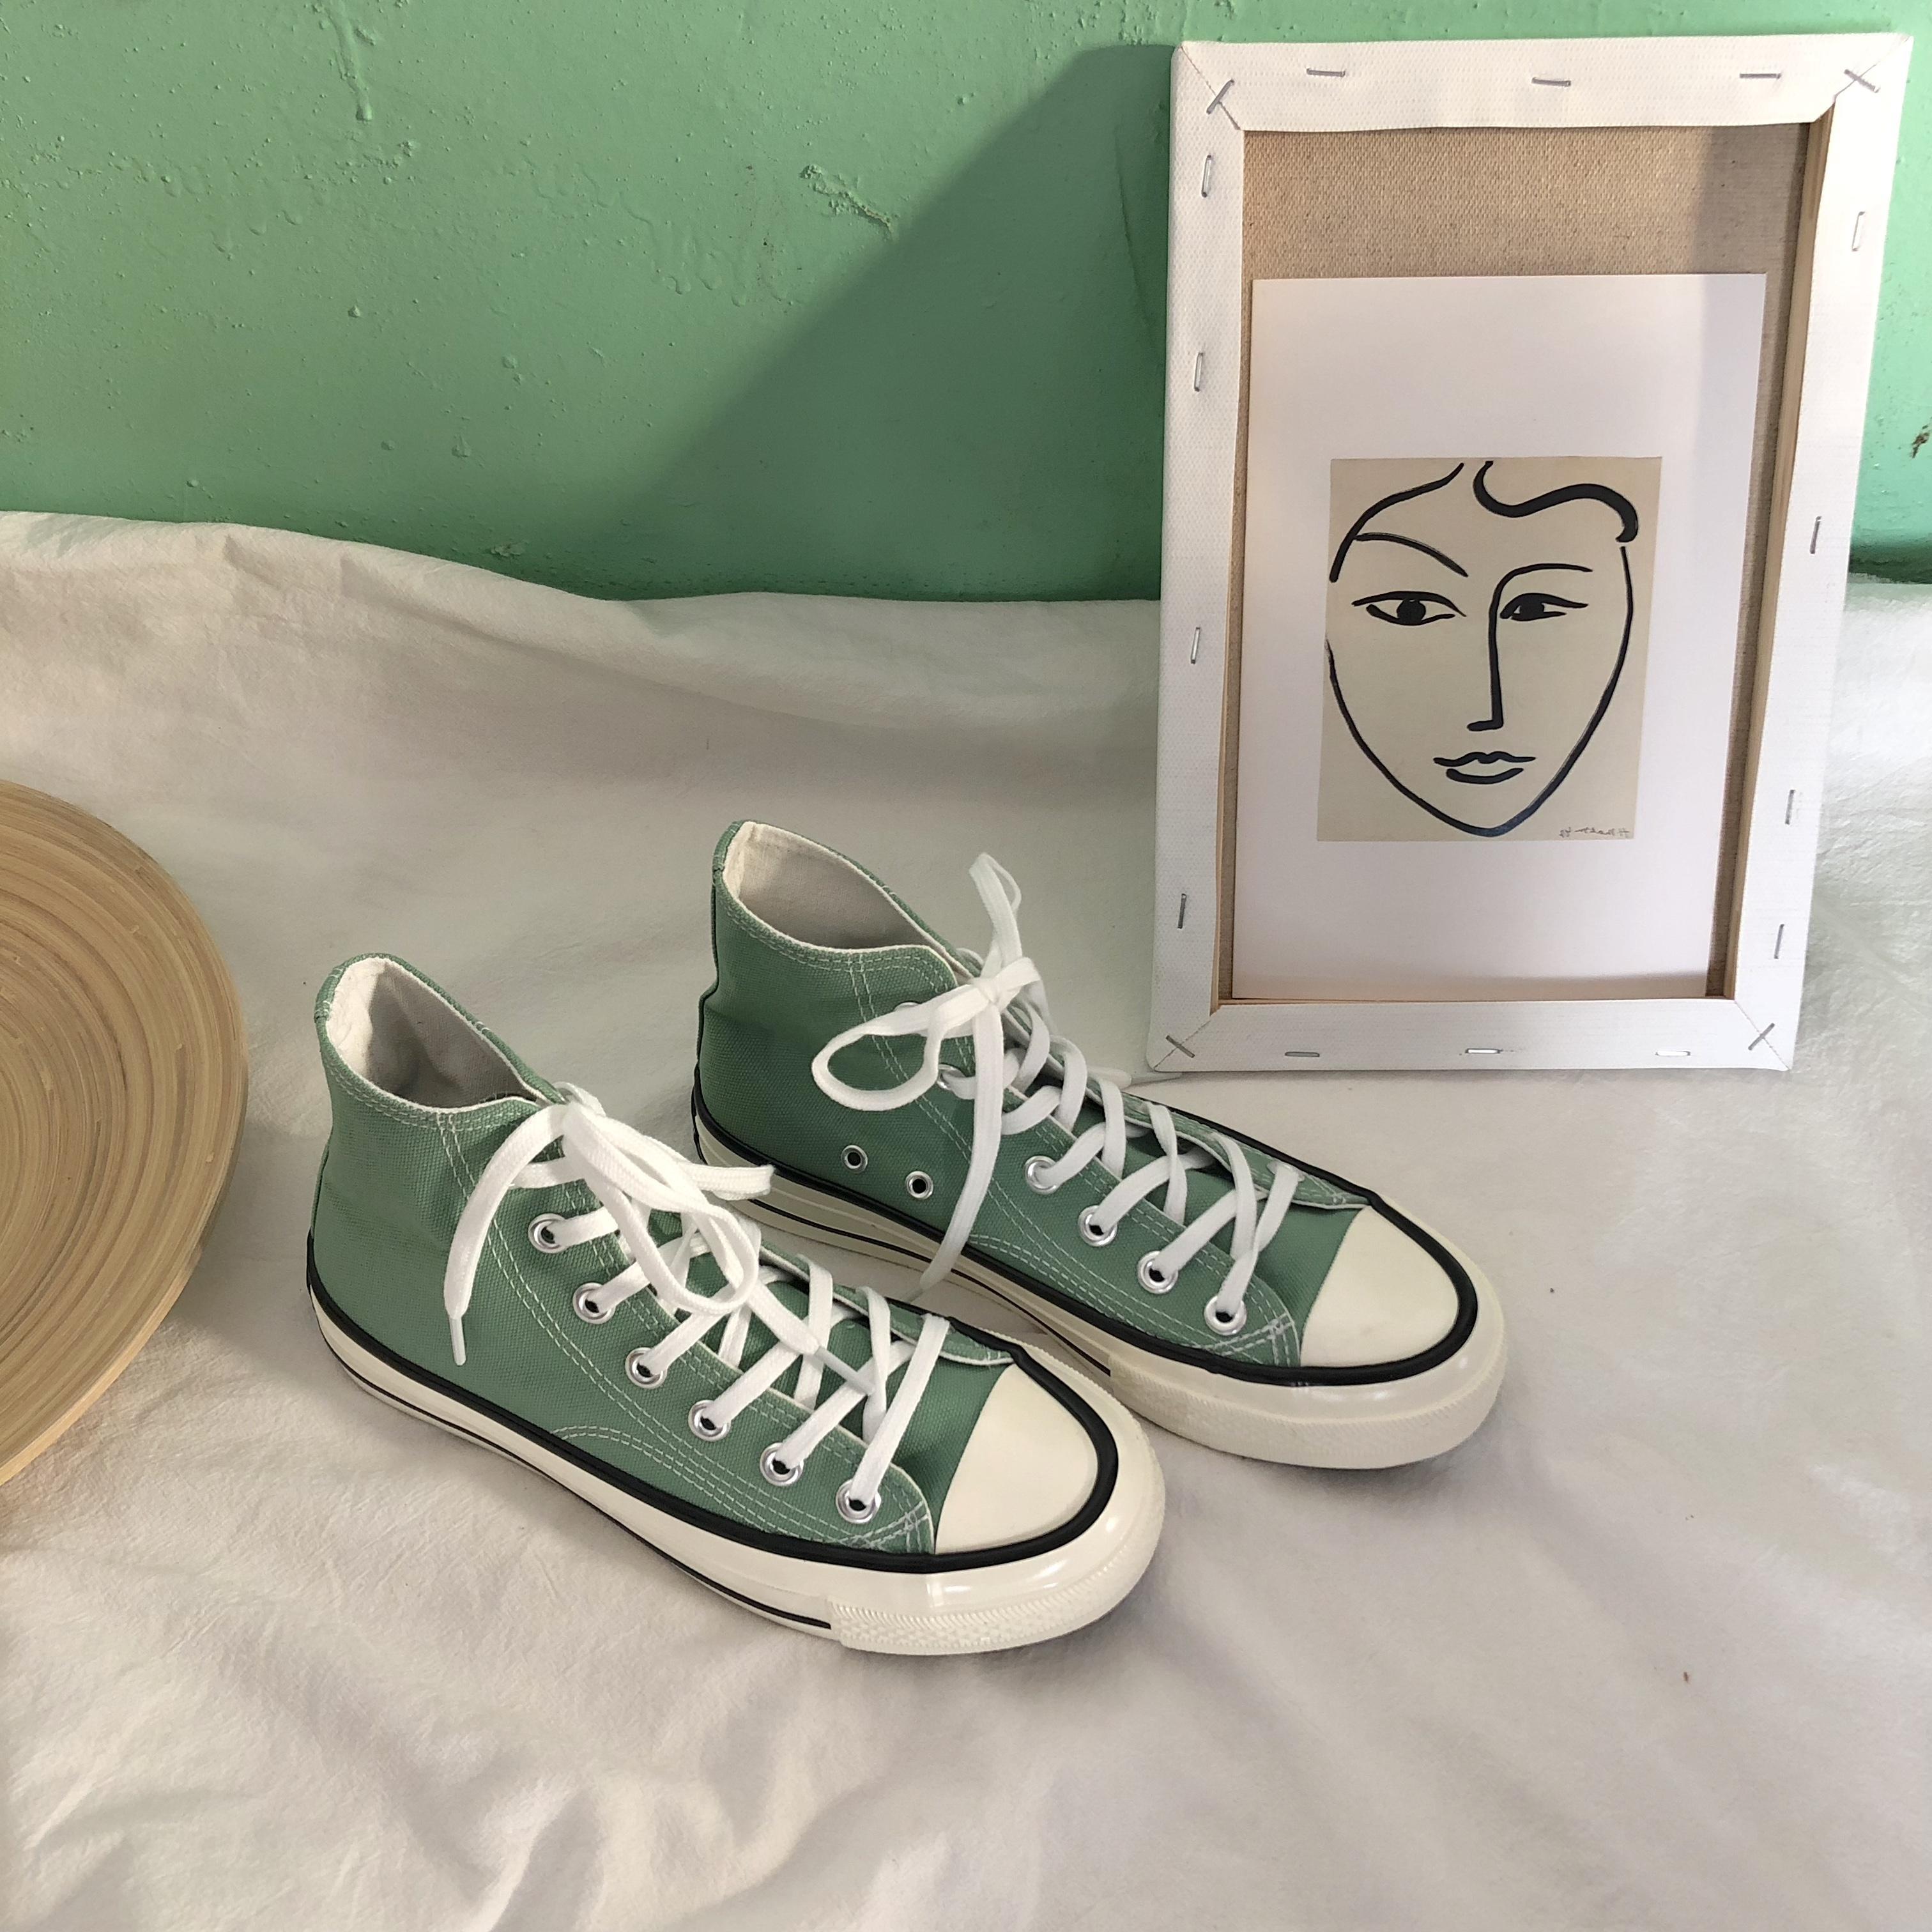 薄荷绿帆布鞋